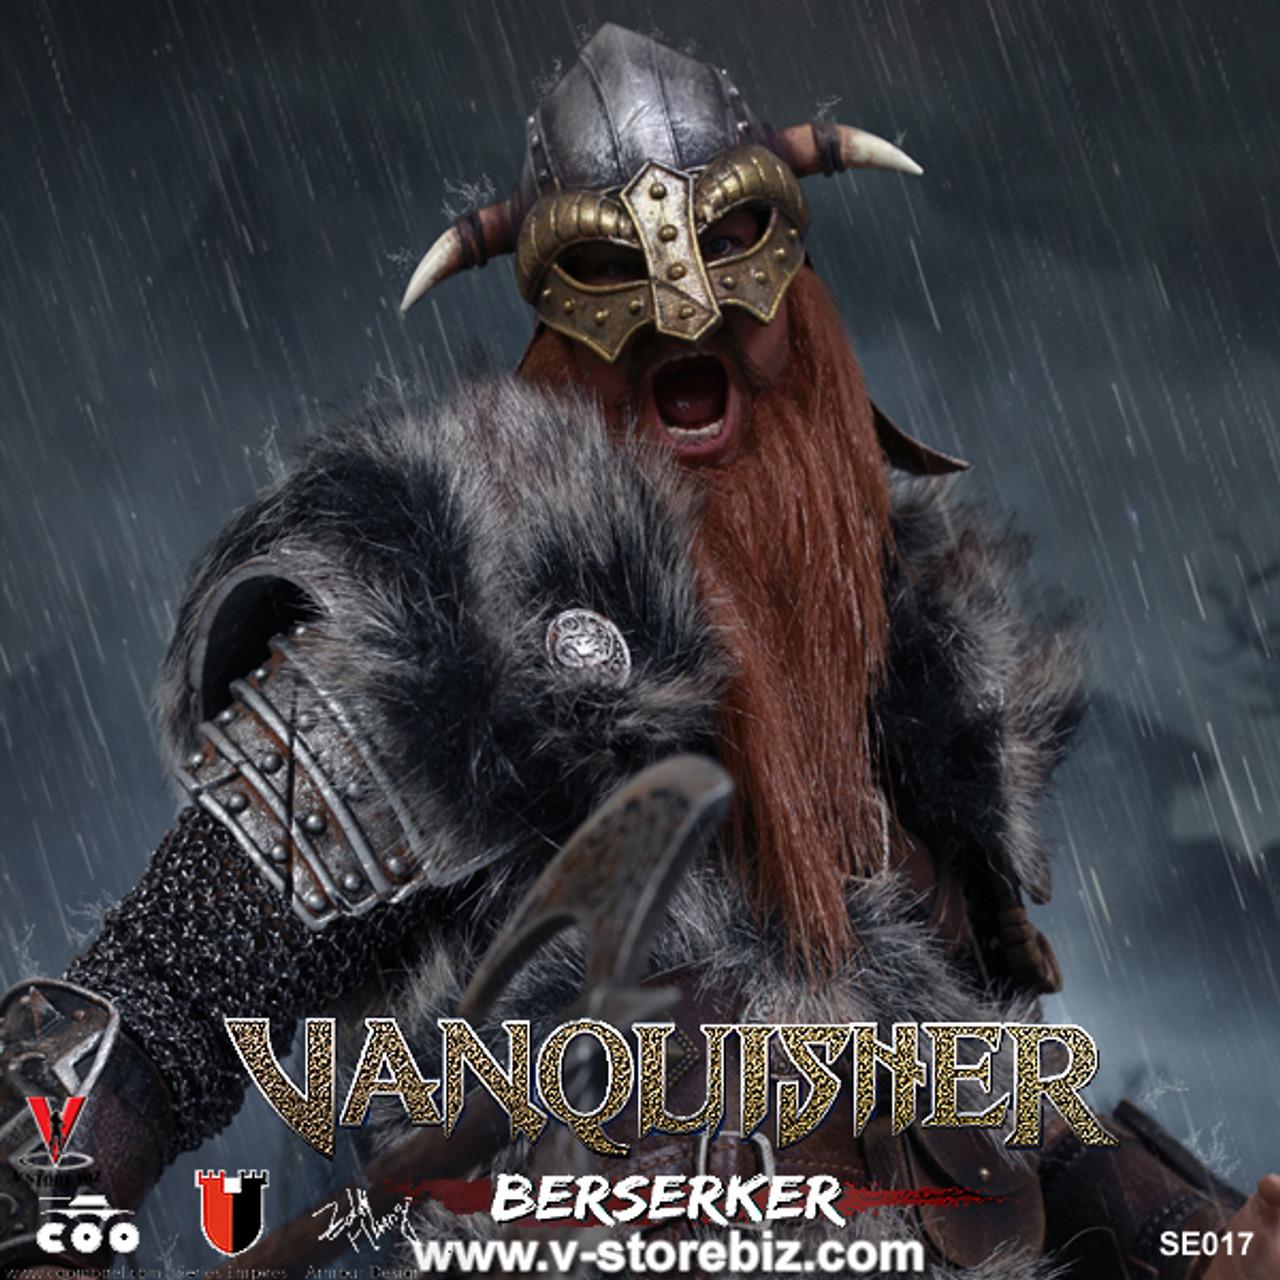 1//6 COOMODEL NO.SE017 VIKING VANQUISHER Die-cast Alloy BERSERKER Bull Helmet